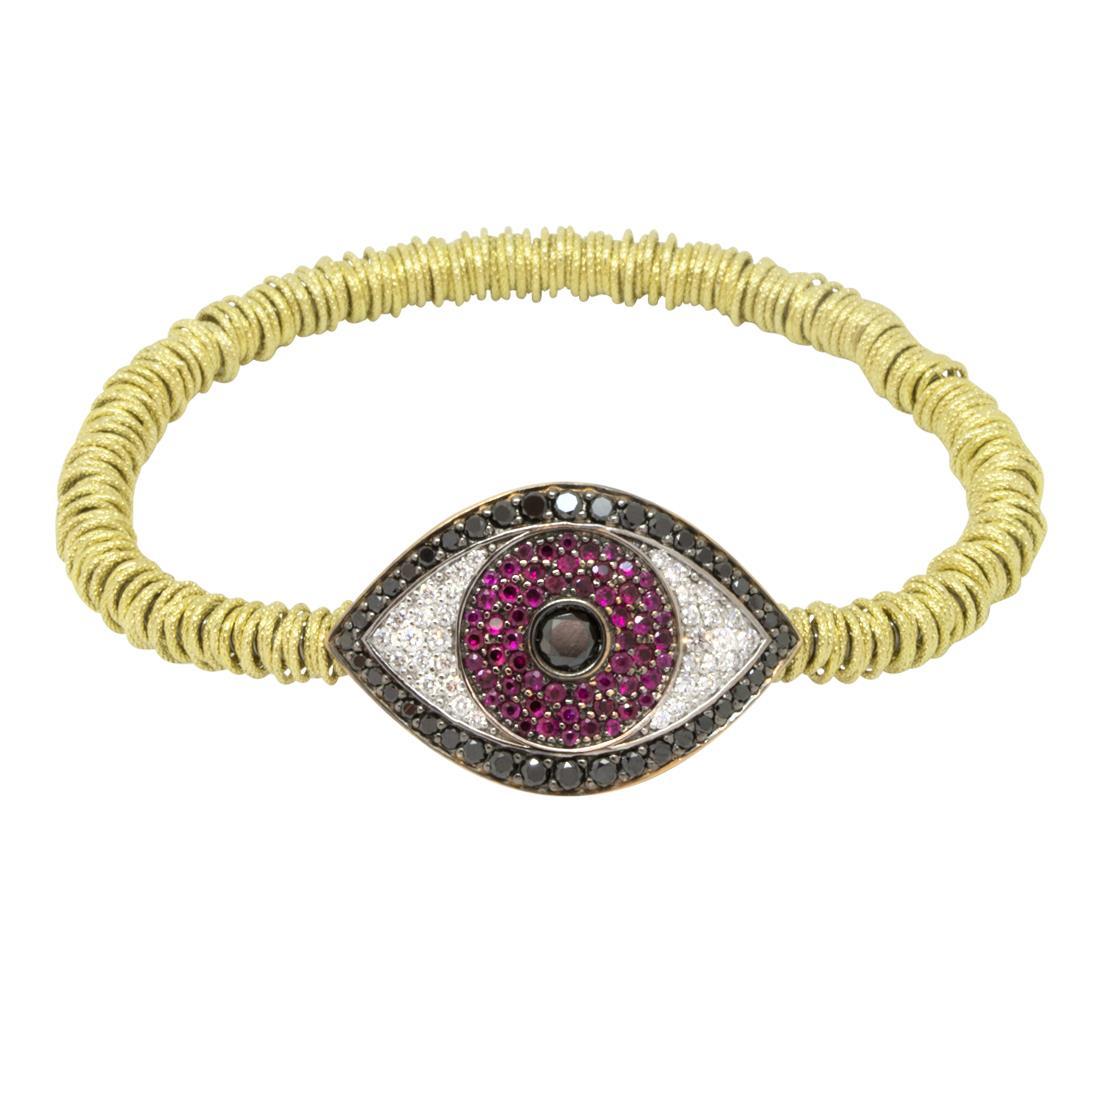 bracciale elastico in oro giallo con rubini, diamanti bianchi e neri - ROBERTO DEMEGLIO